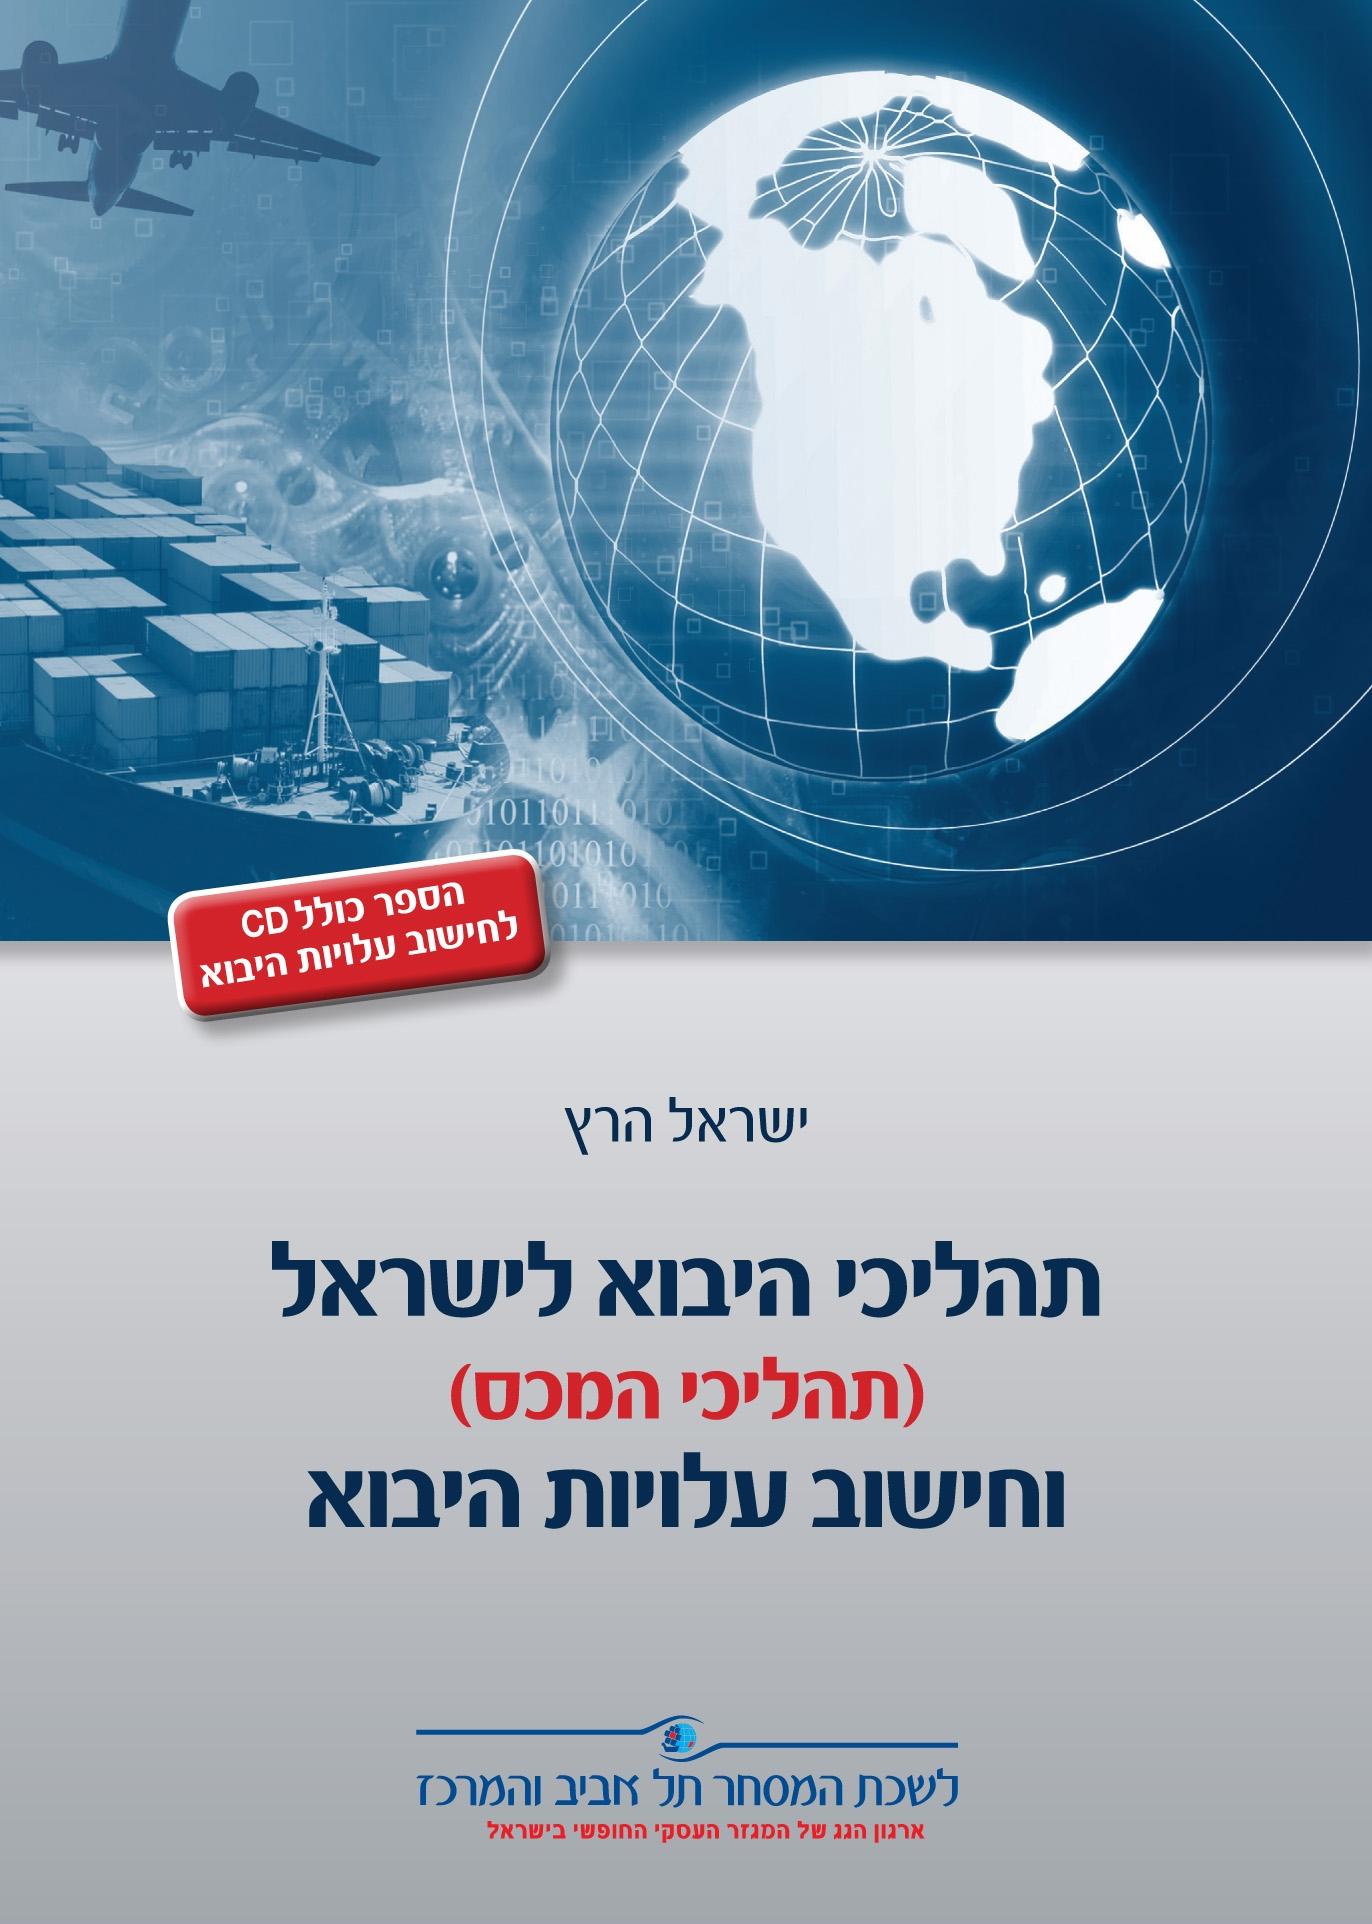 תהליכי היבוא לישראל וחישוב עלויות היבוא